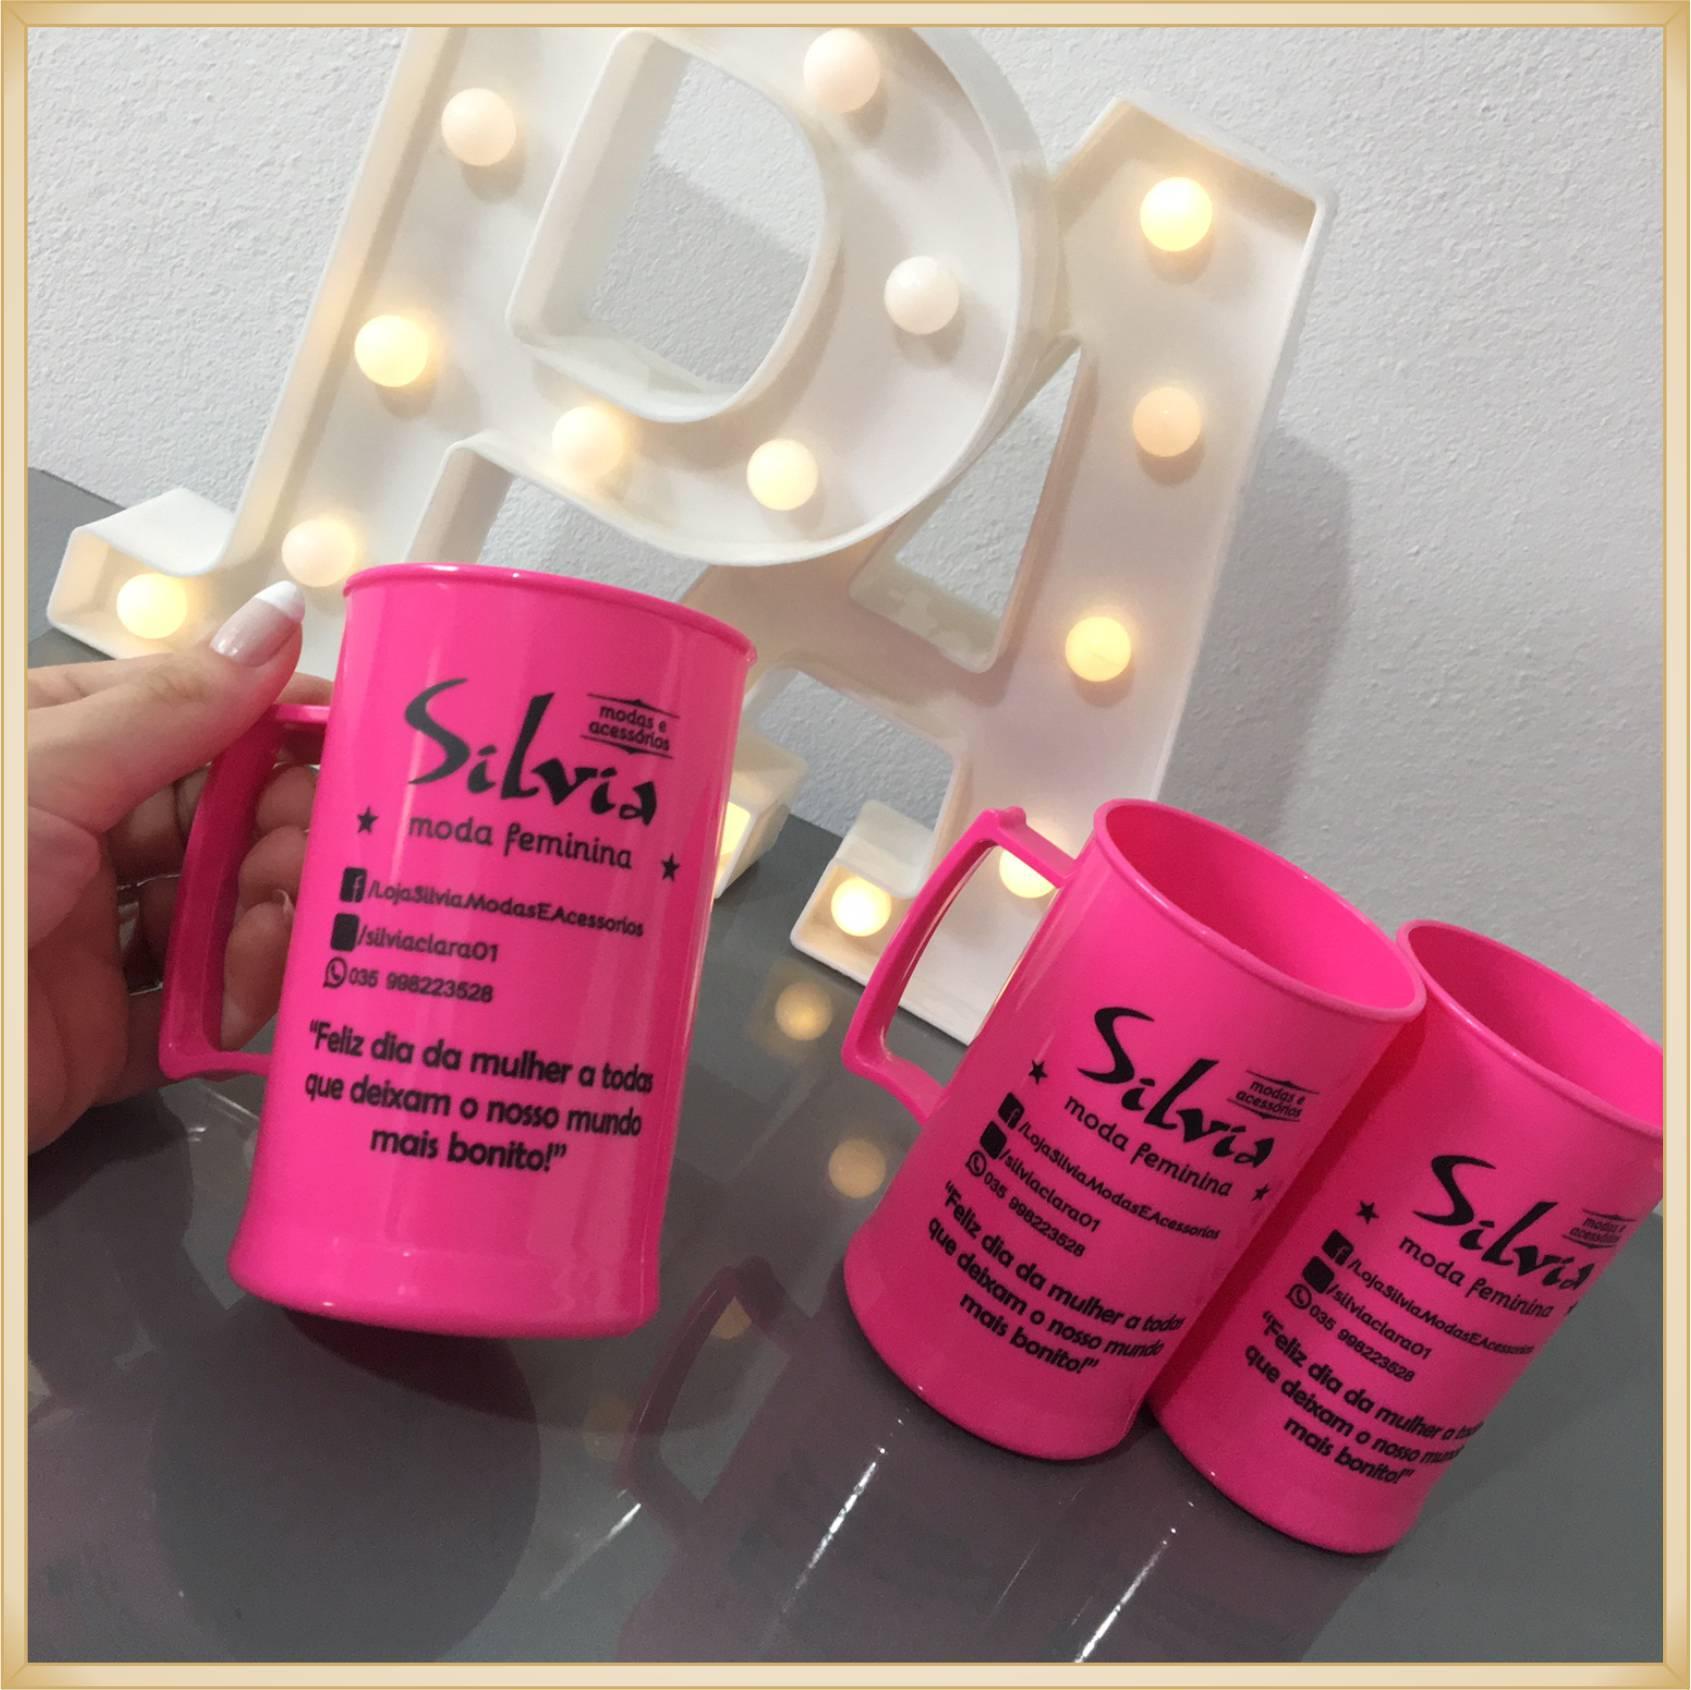 Canecas de acrílico personalizadas para empresas - alta qualidade, acabamento perfeito, parede de 2,5 mm, material atóxico, 300 ml - kit 50 unidades